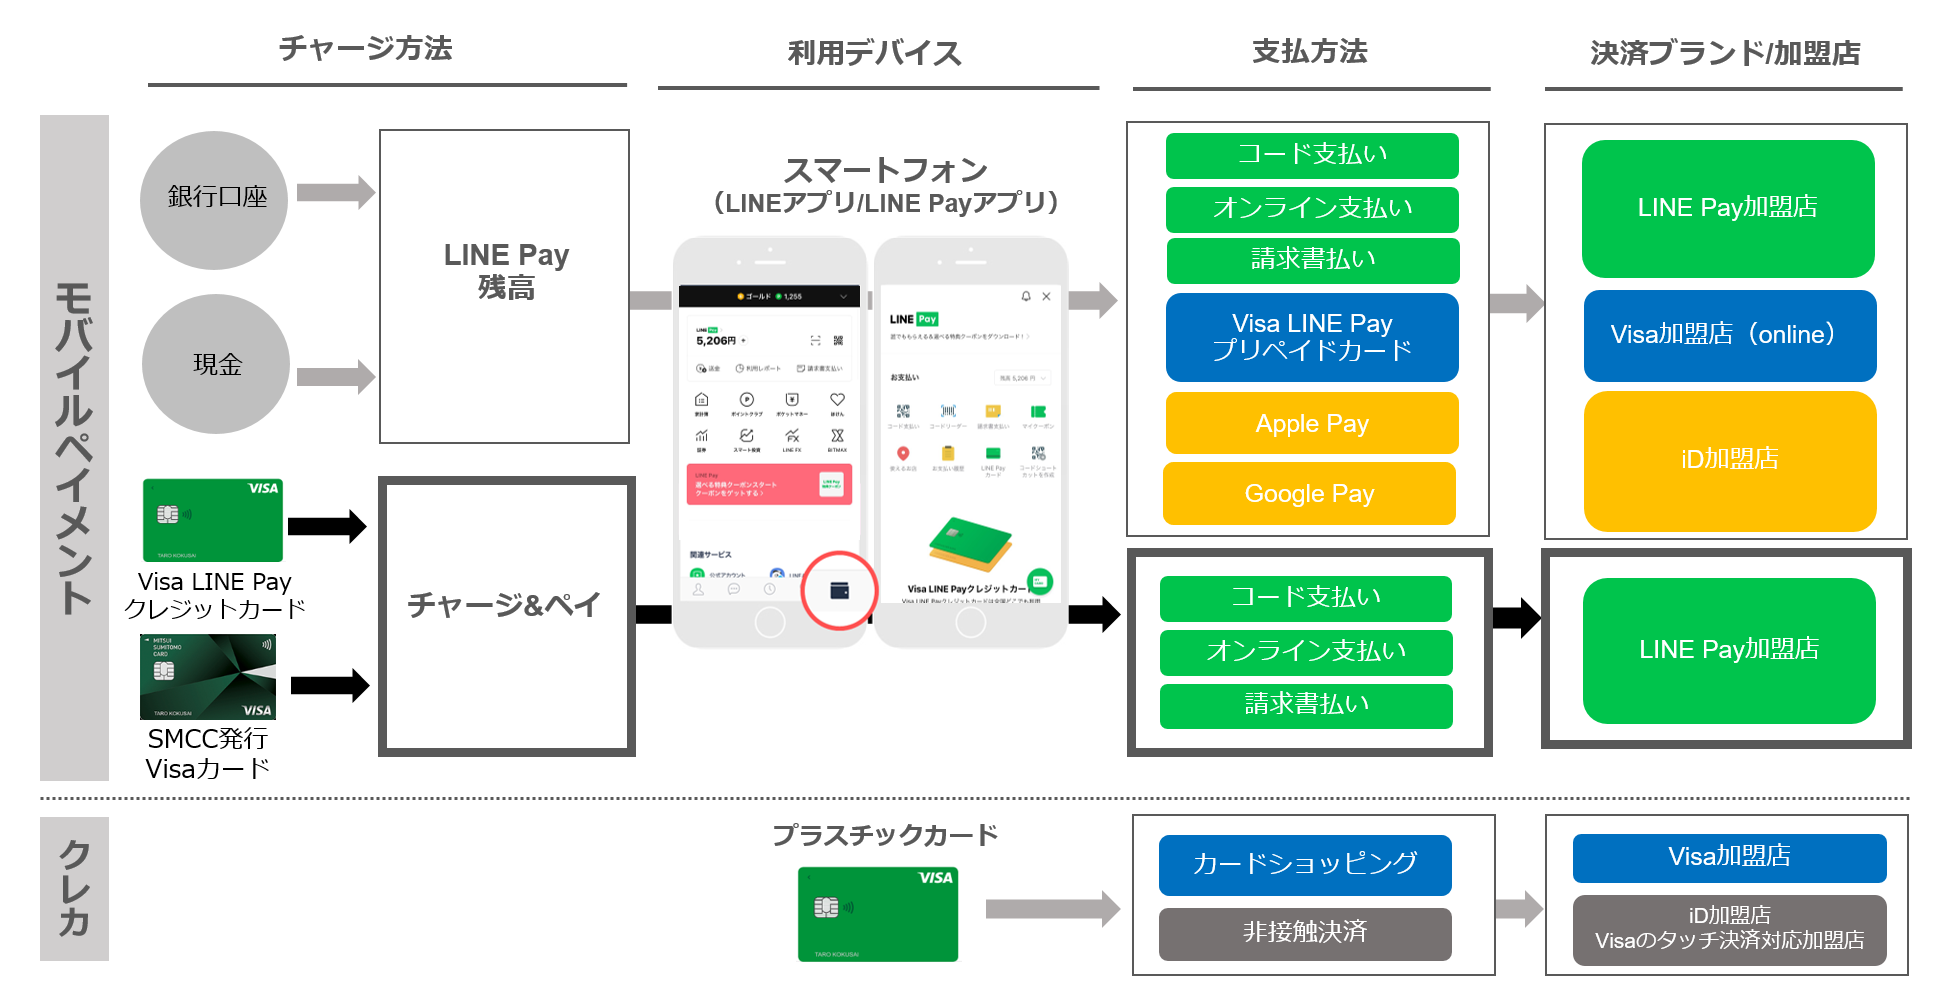 LINE PayがiD決済対応へ。これでクソQRコード決済とおさらばできるな。12月~。